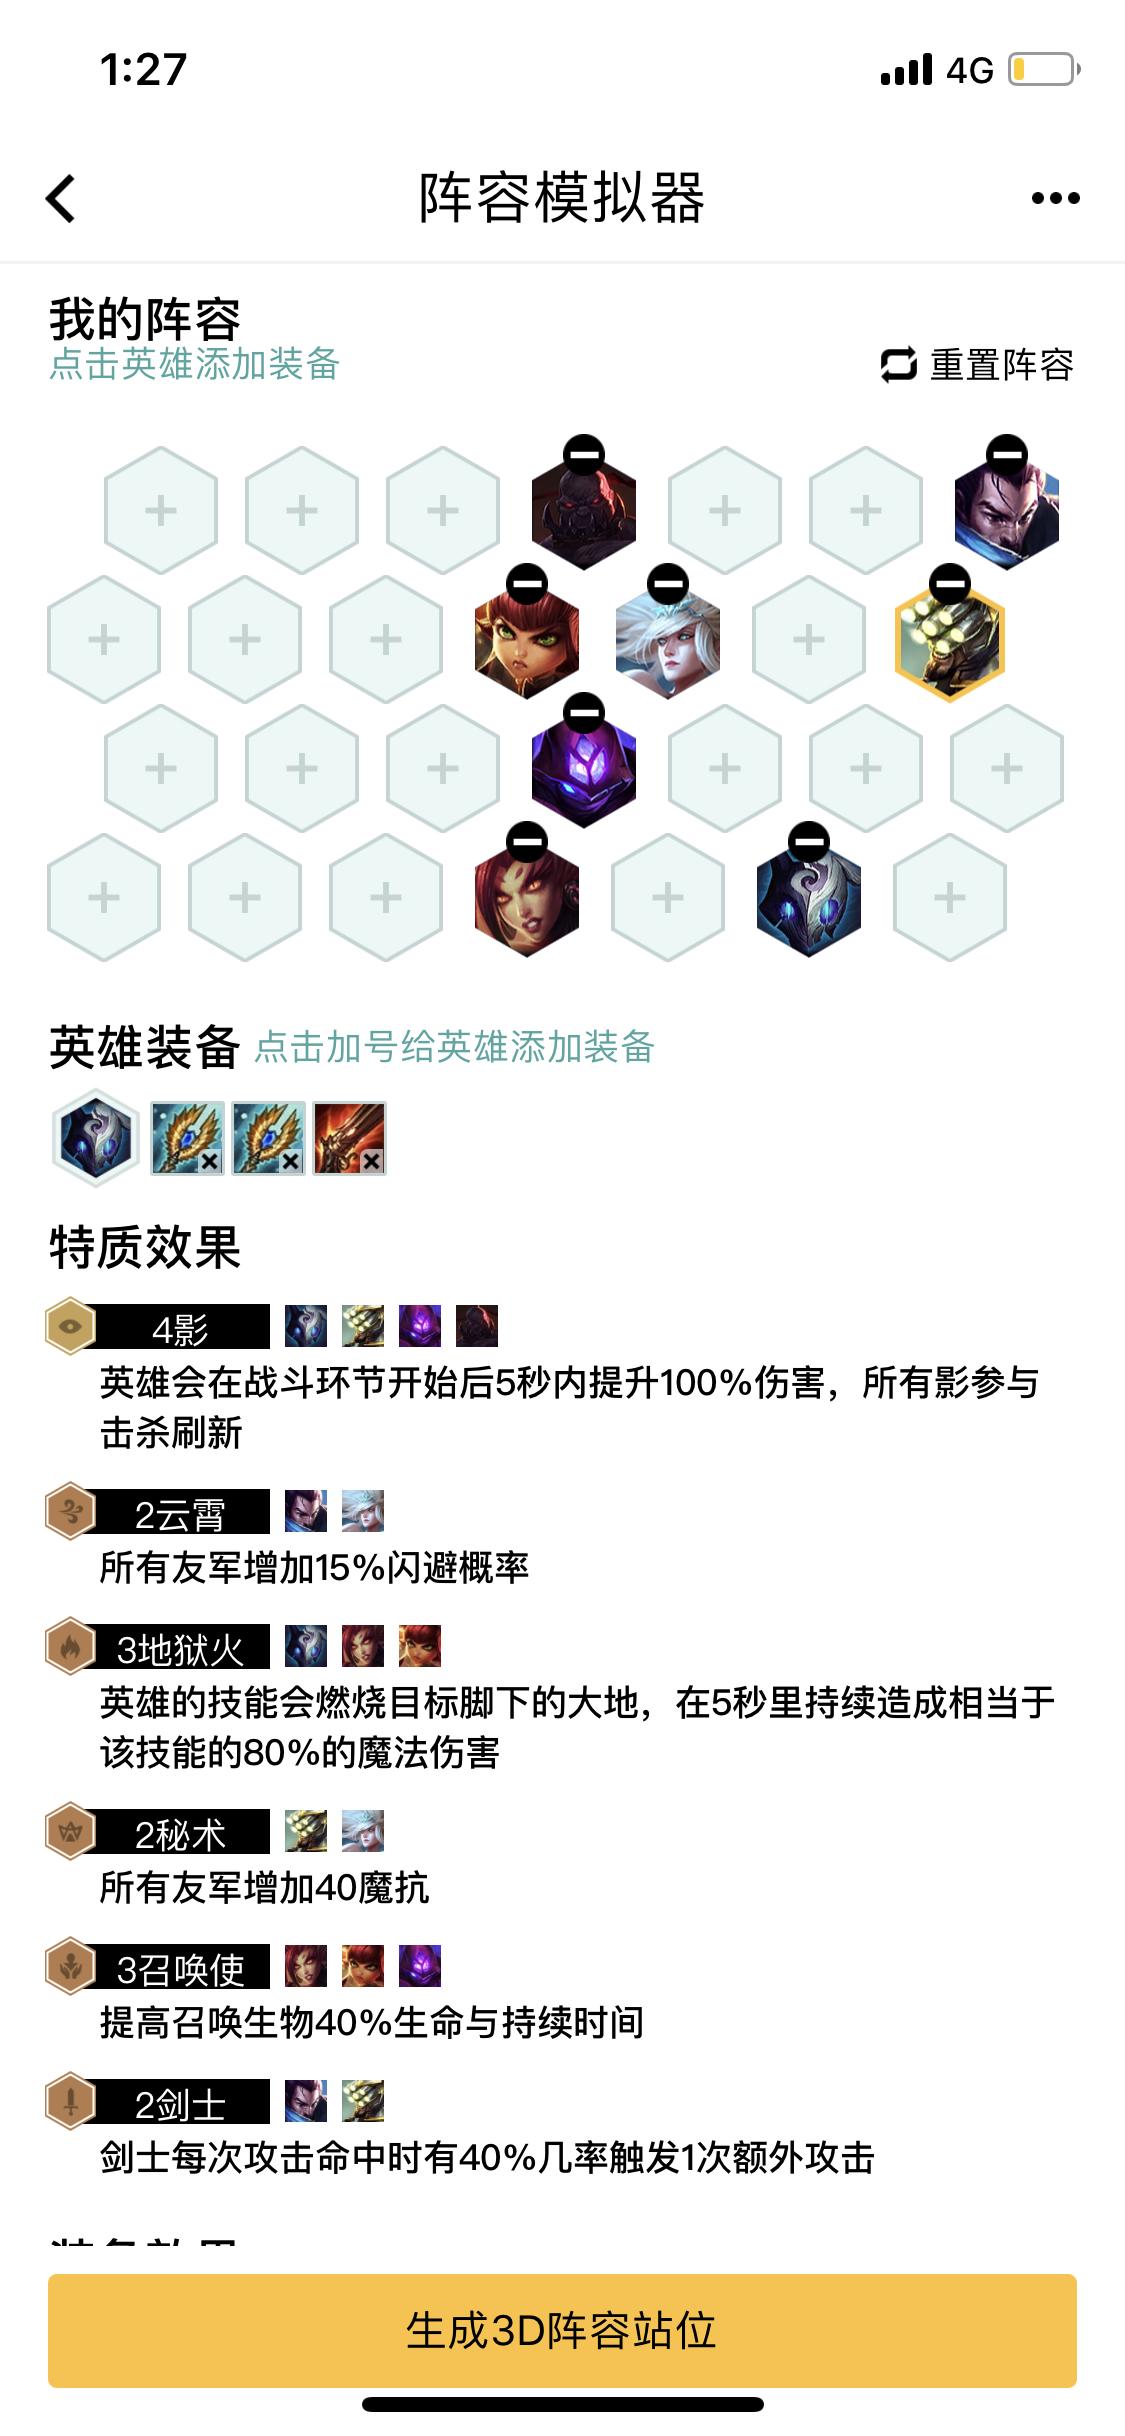 云顶之弈S2飞天千珏阵容推荐 9.22版本飞天千珏运营思路